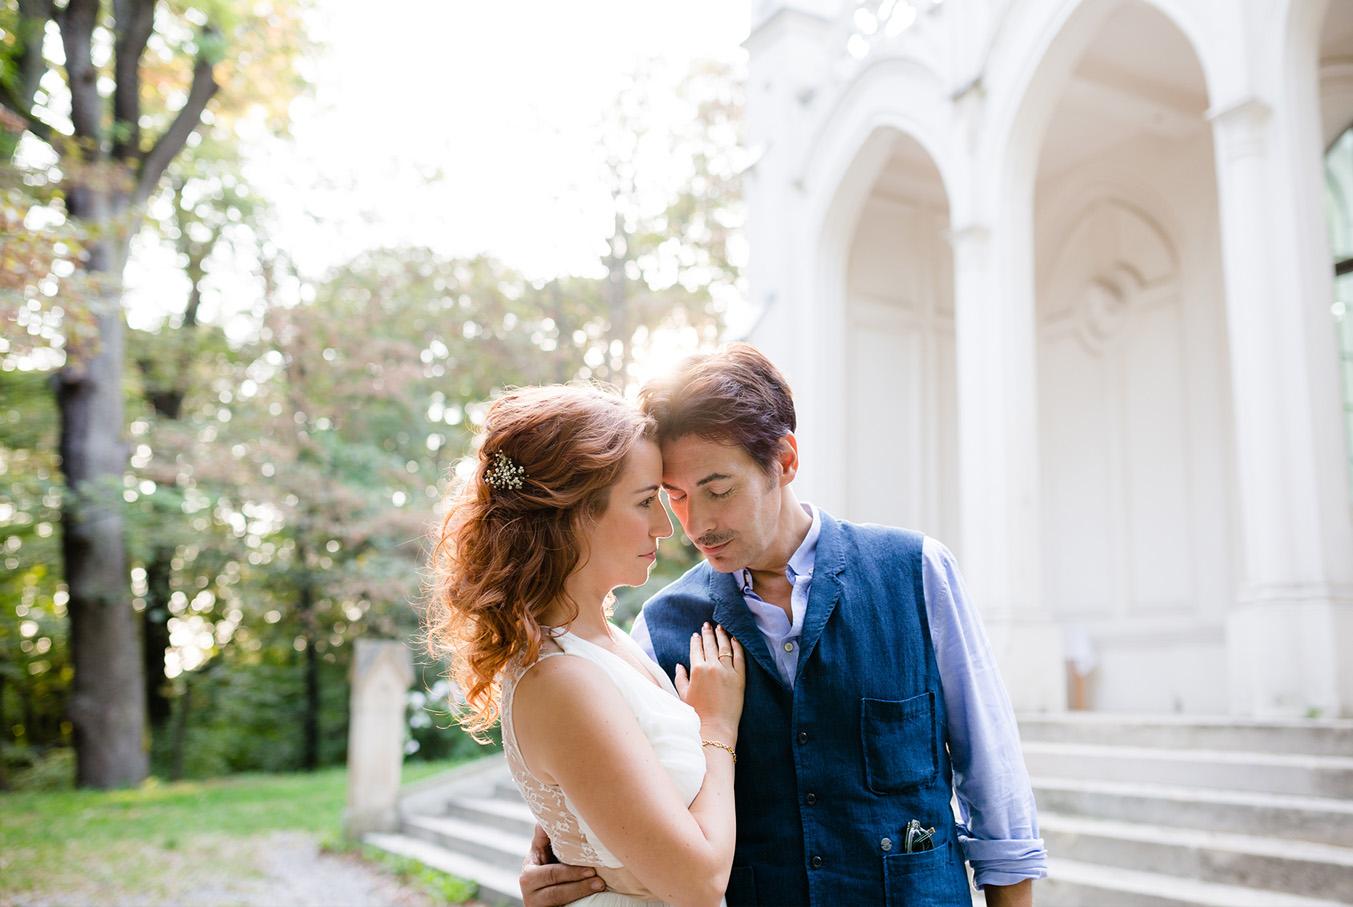 Vienna_Wien_Afterwedding_Hochzeit_Paar_Couple_35